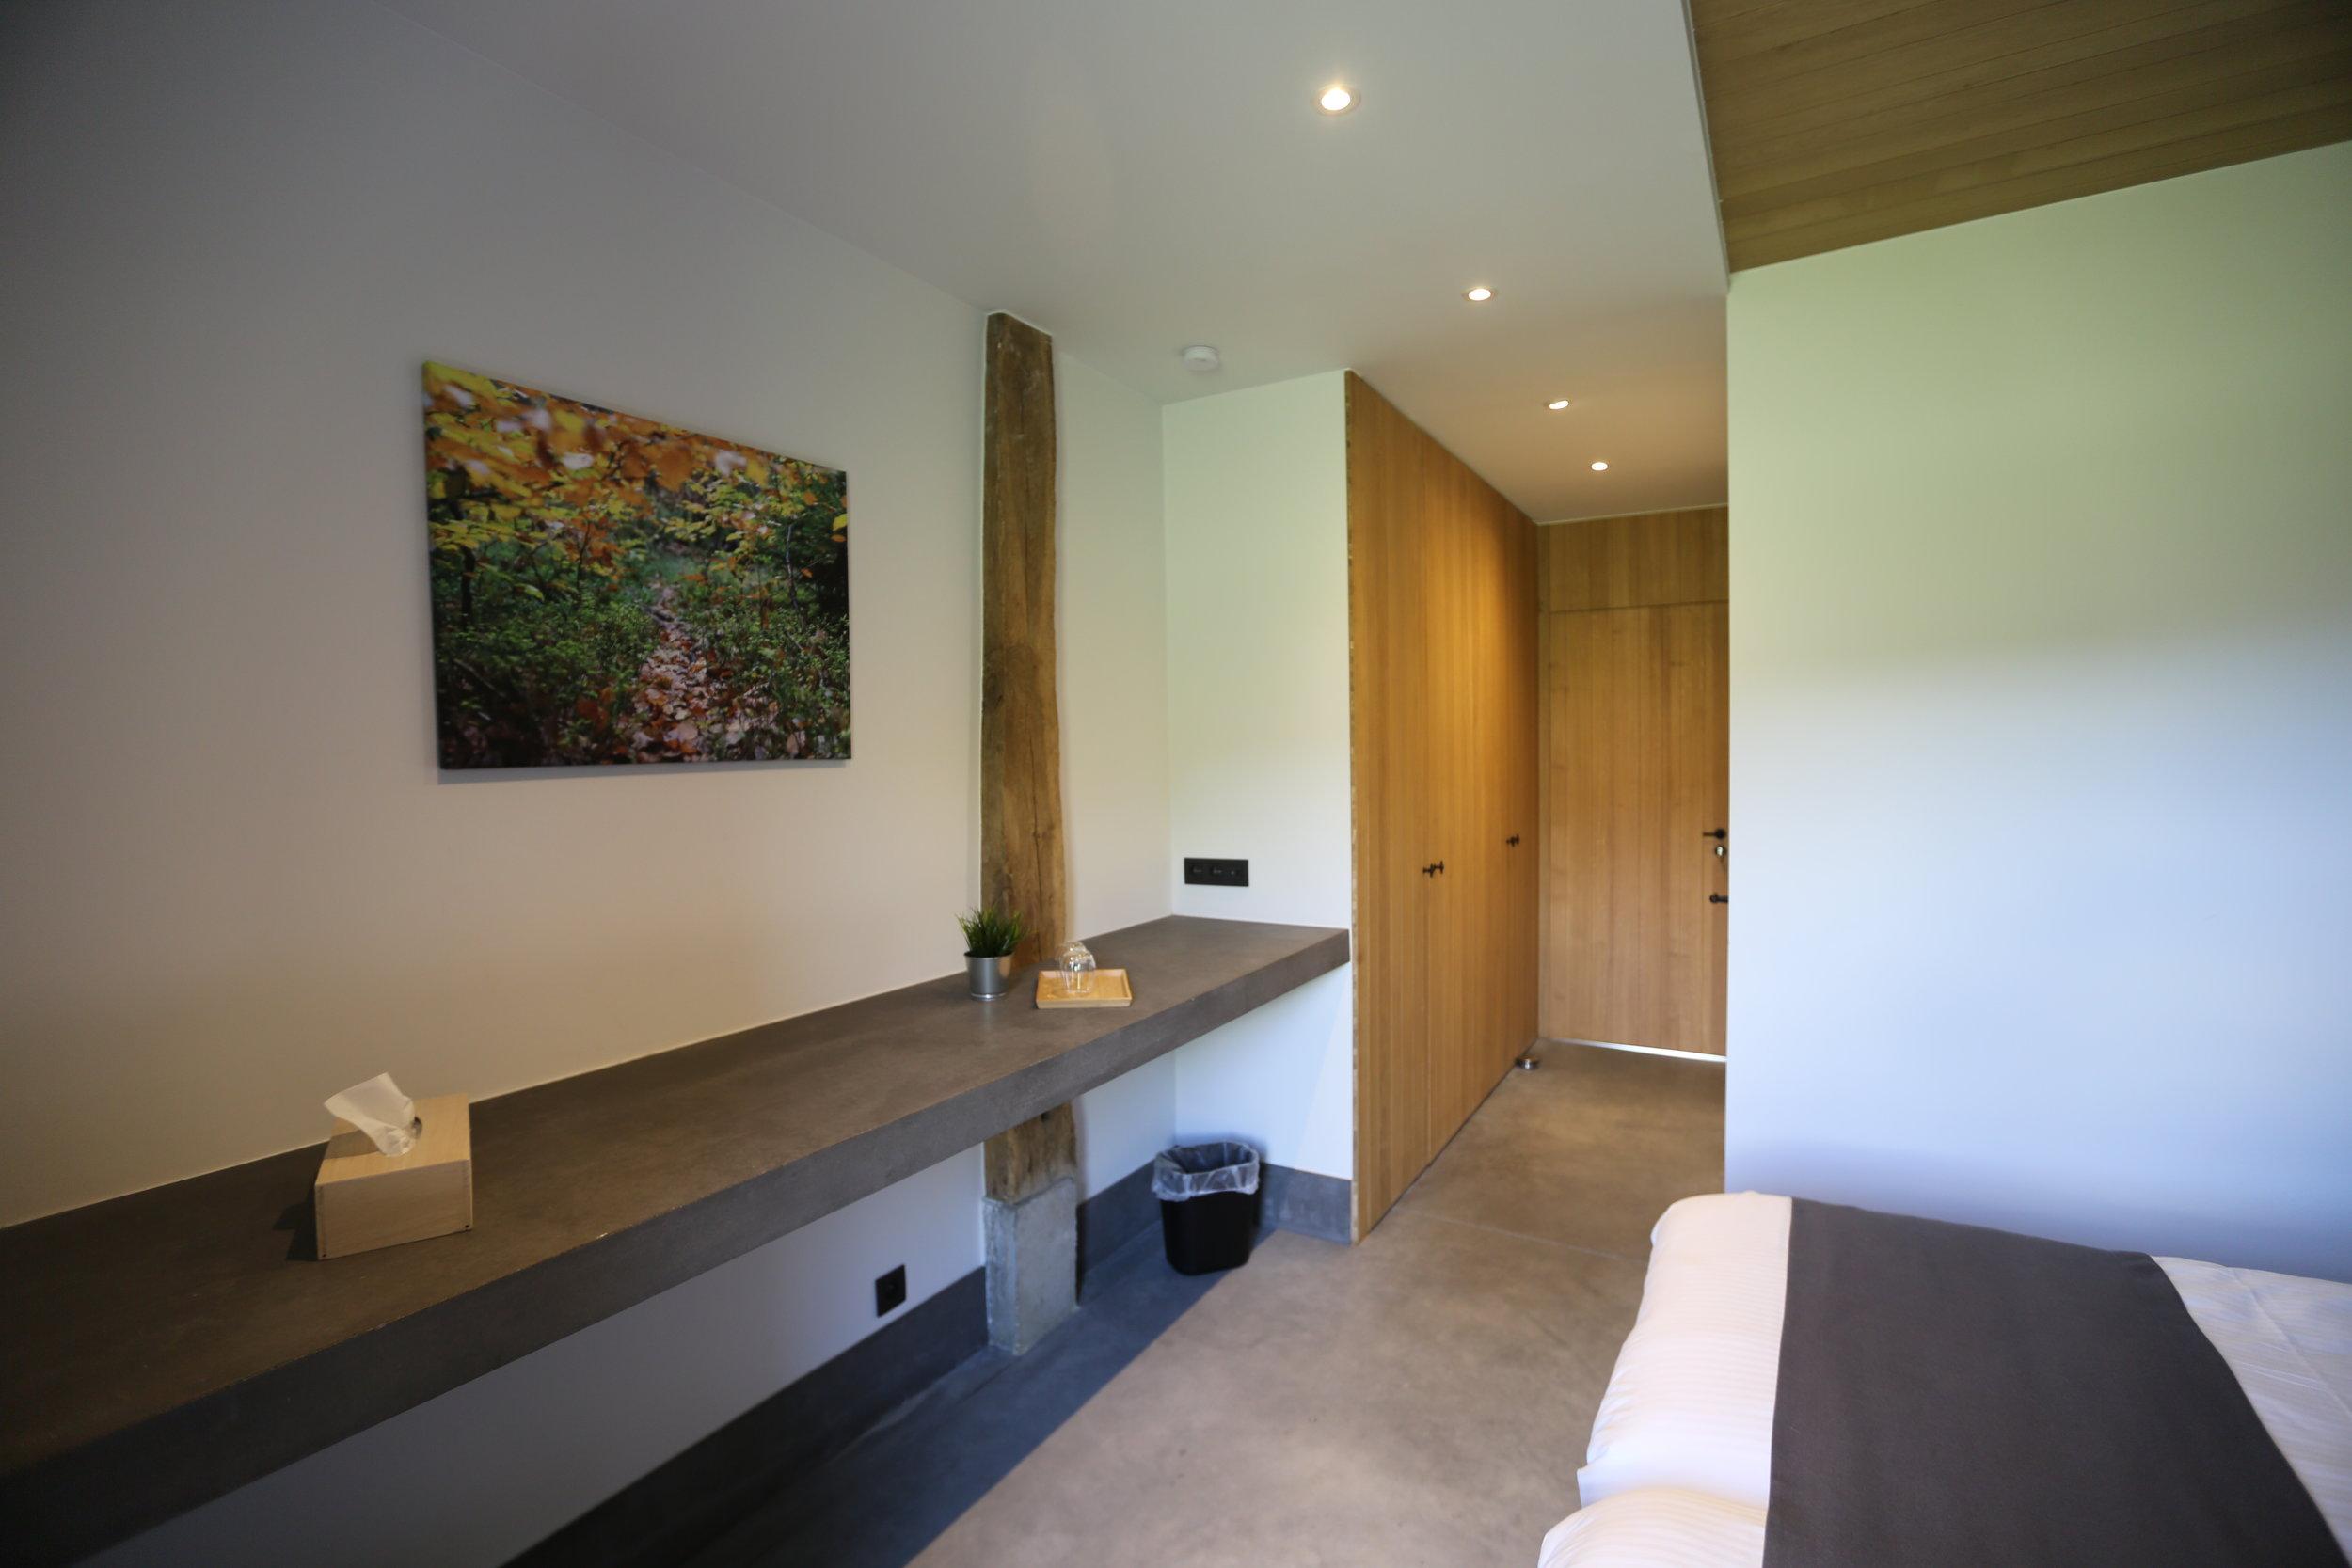 Room 1, Rochefort, Belgium